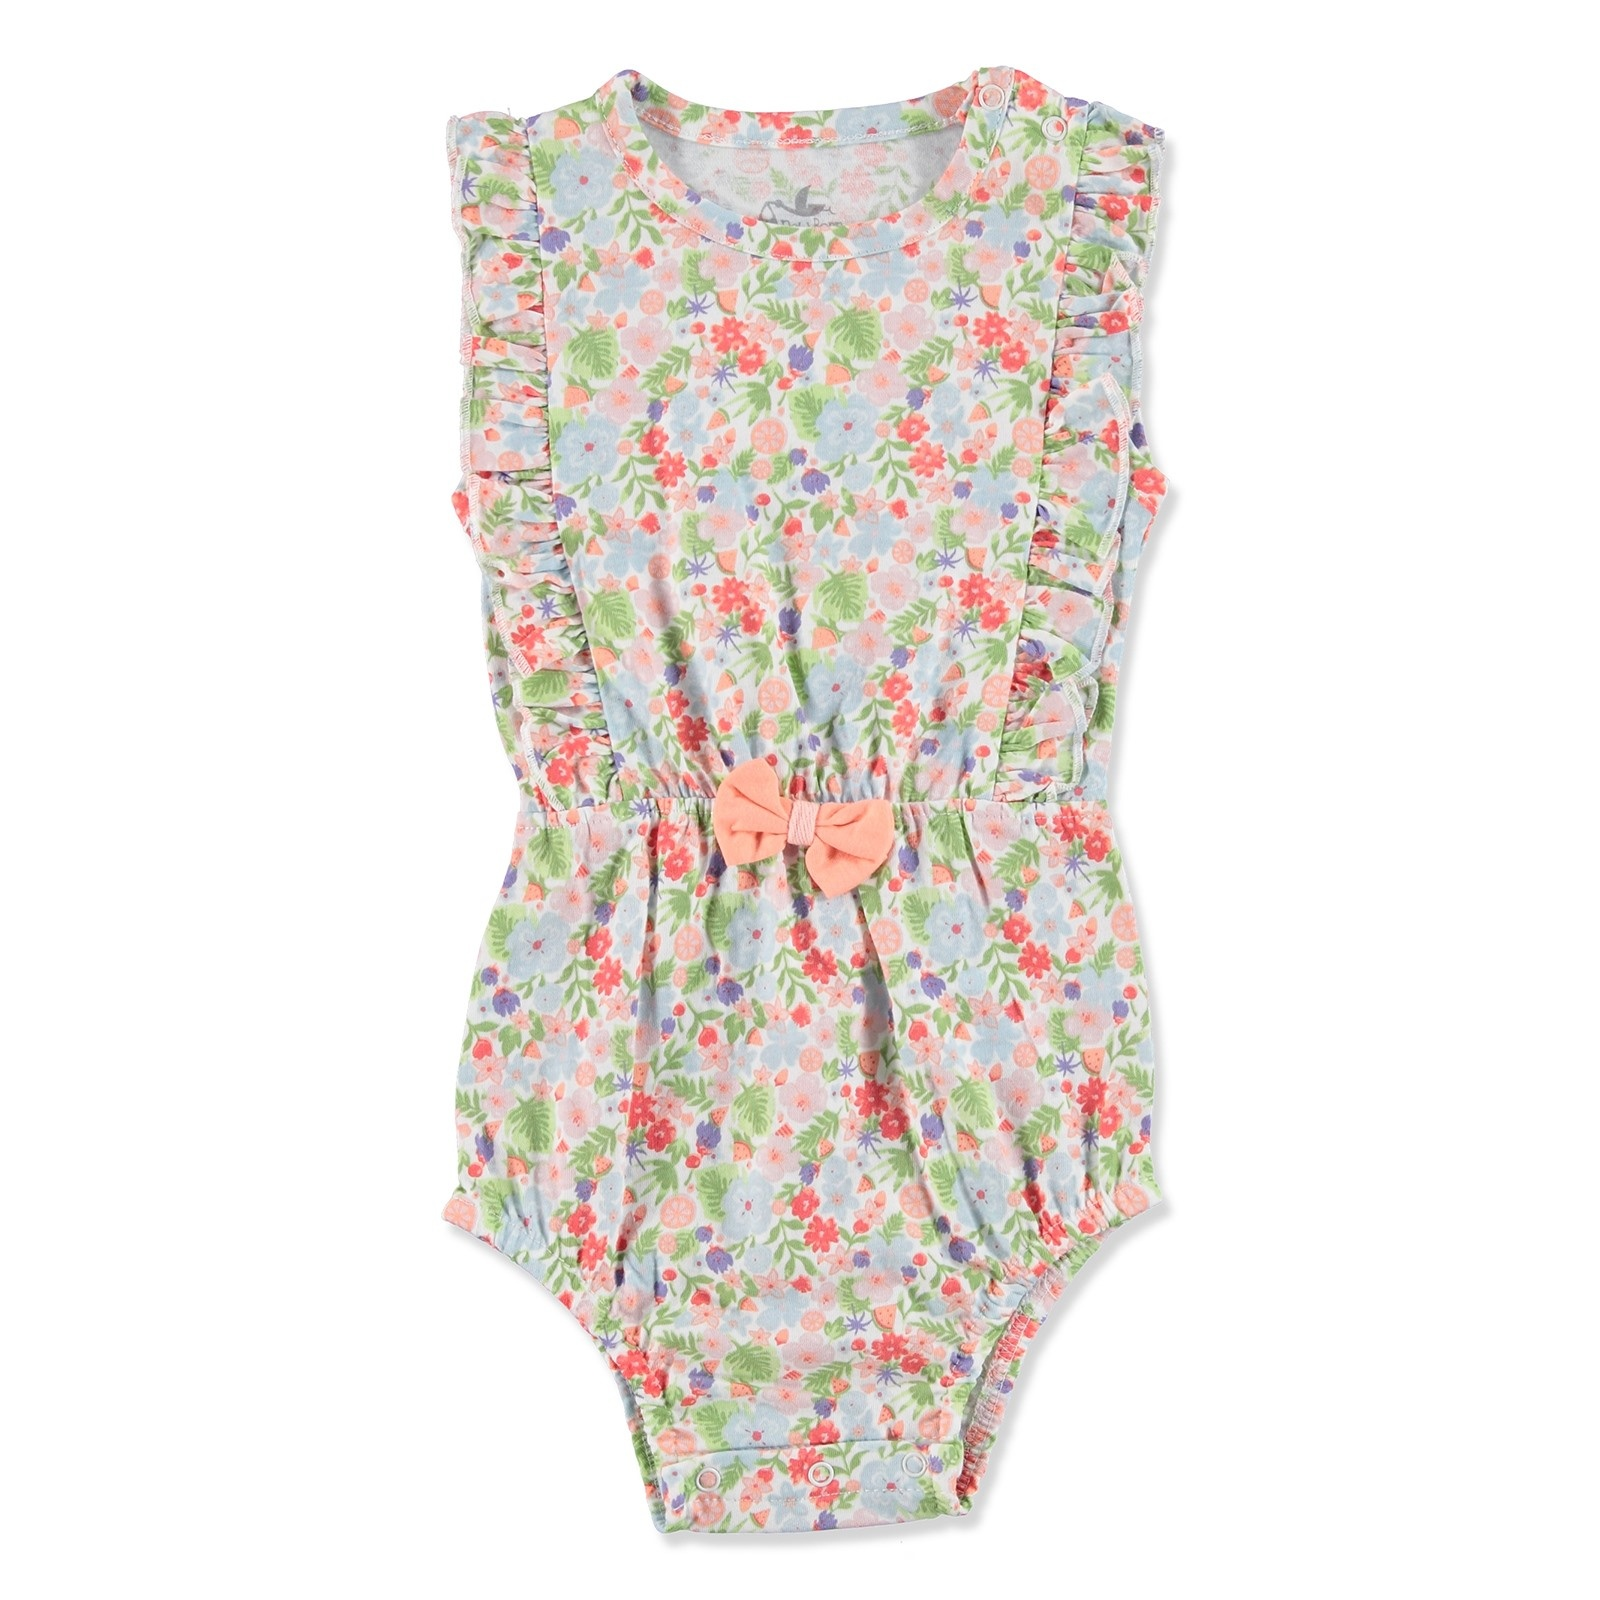 Ebebek Newborn Fashion Club Tropical Summer Baby Girl Ruffled Bodysuit